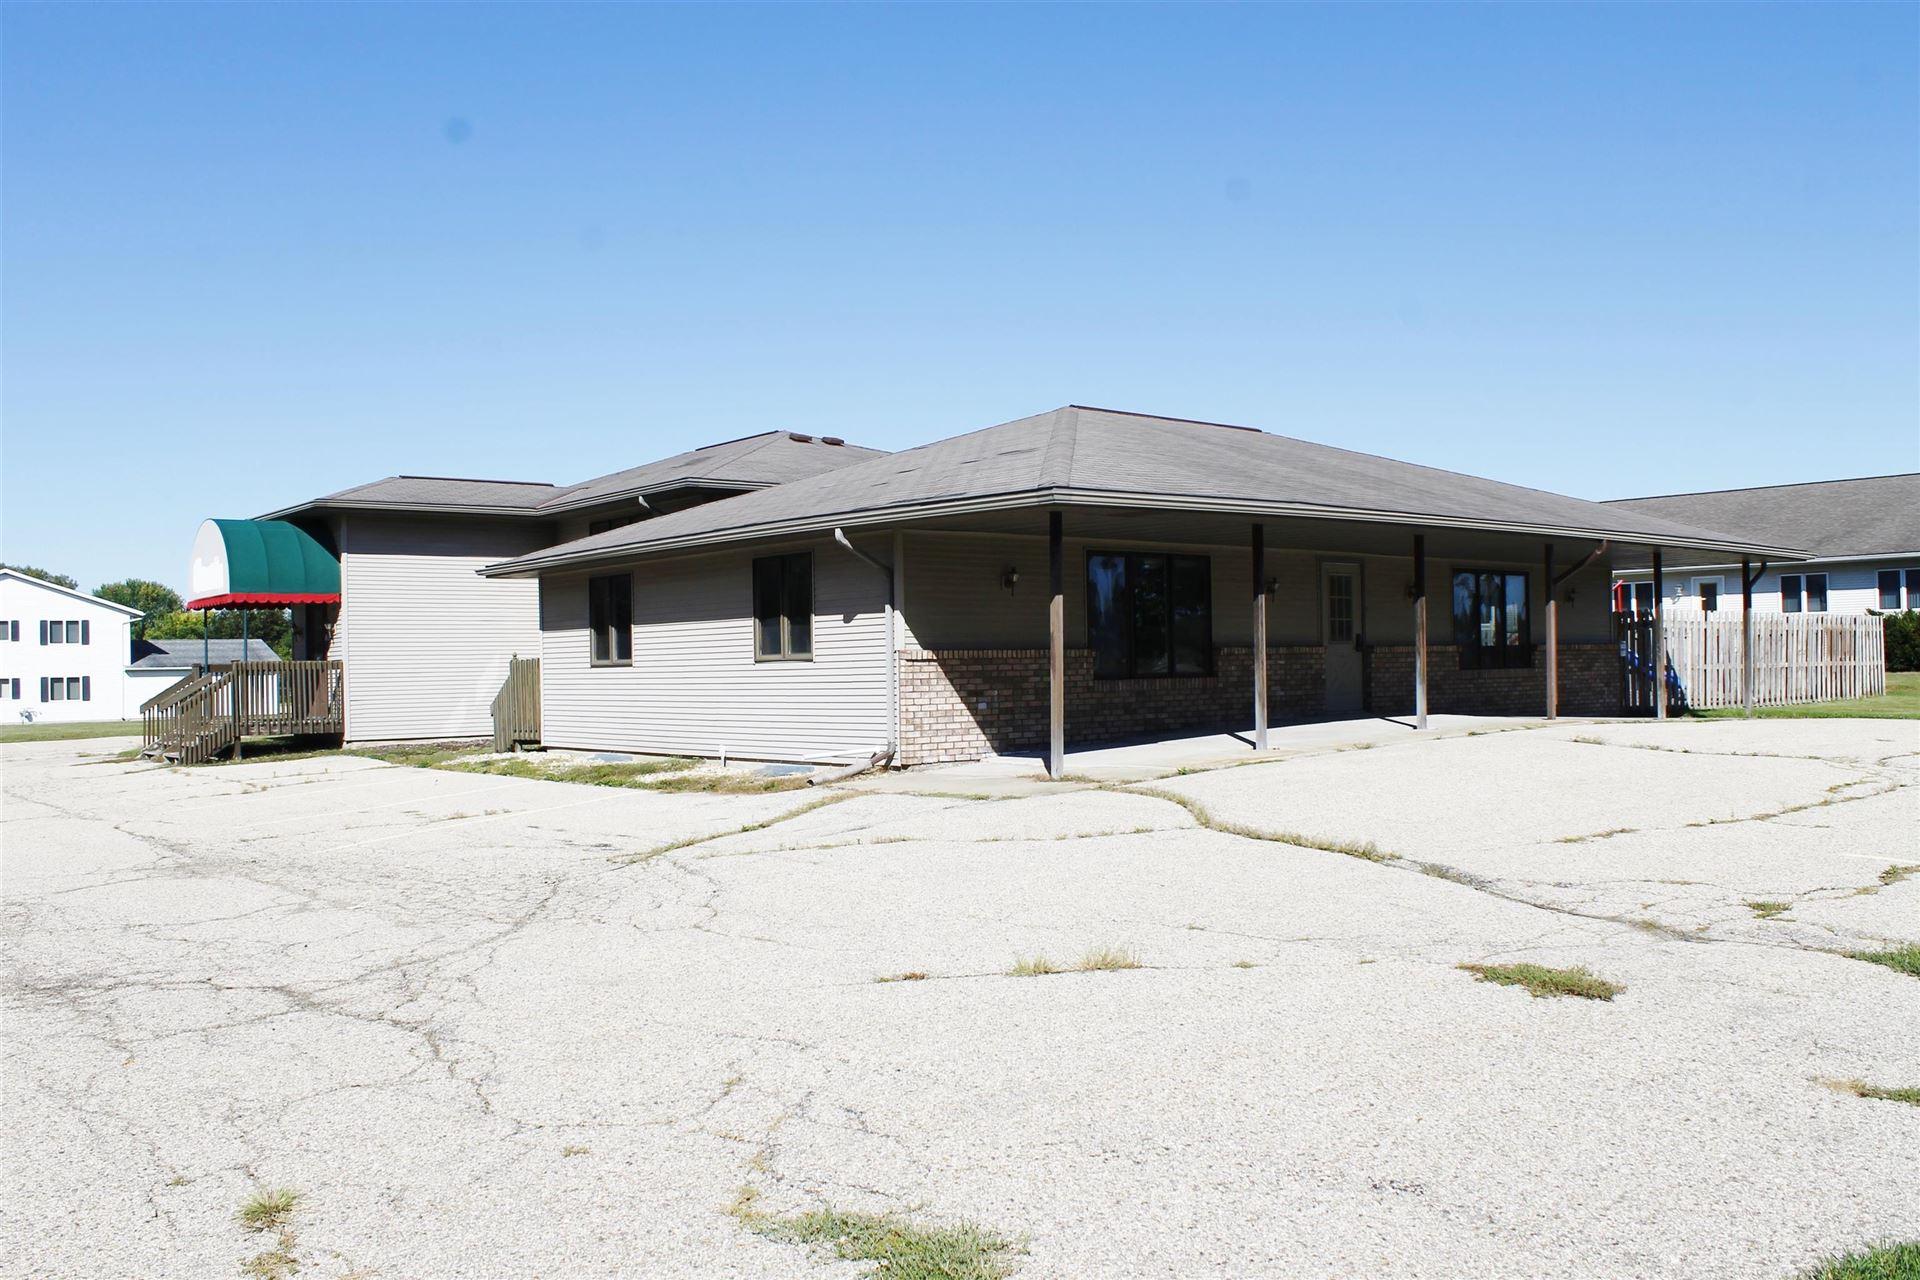 Photo for 11 Karl Ave, Belleville, WI 53508 (MLS # 1920453)